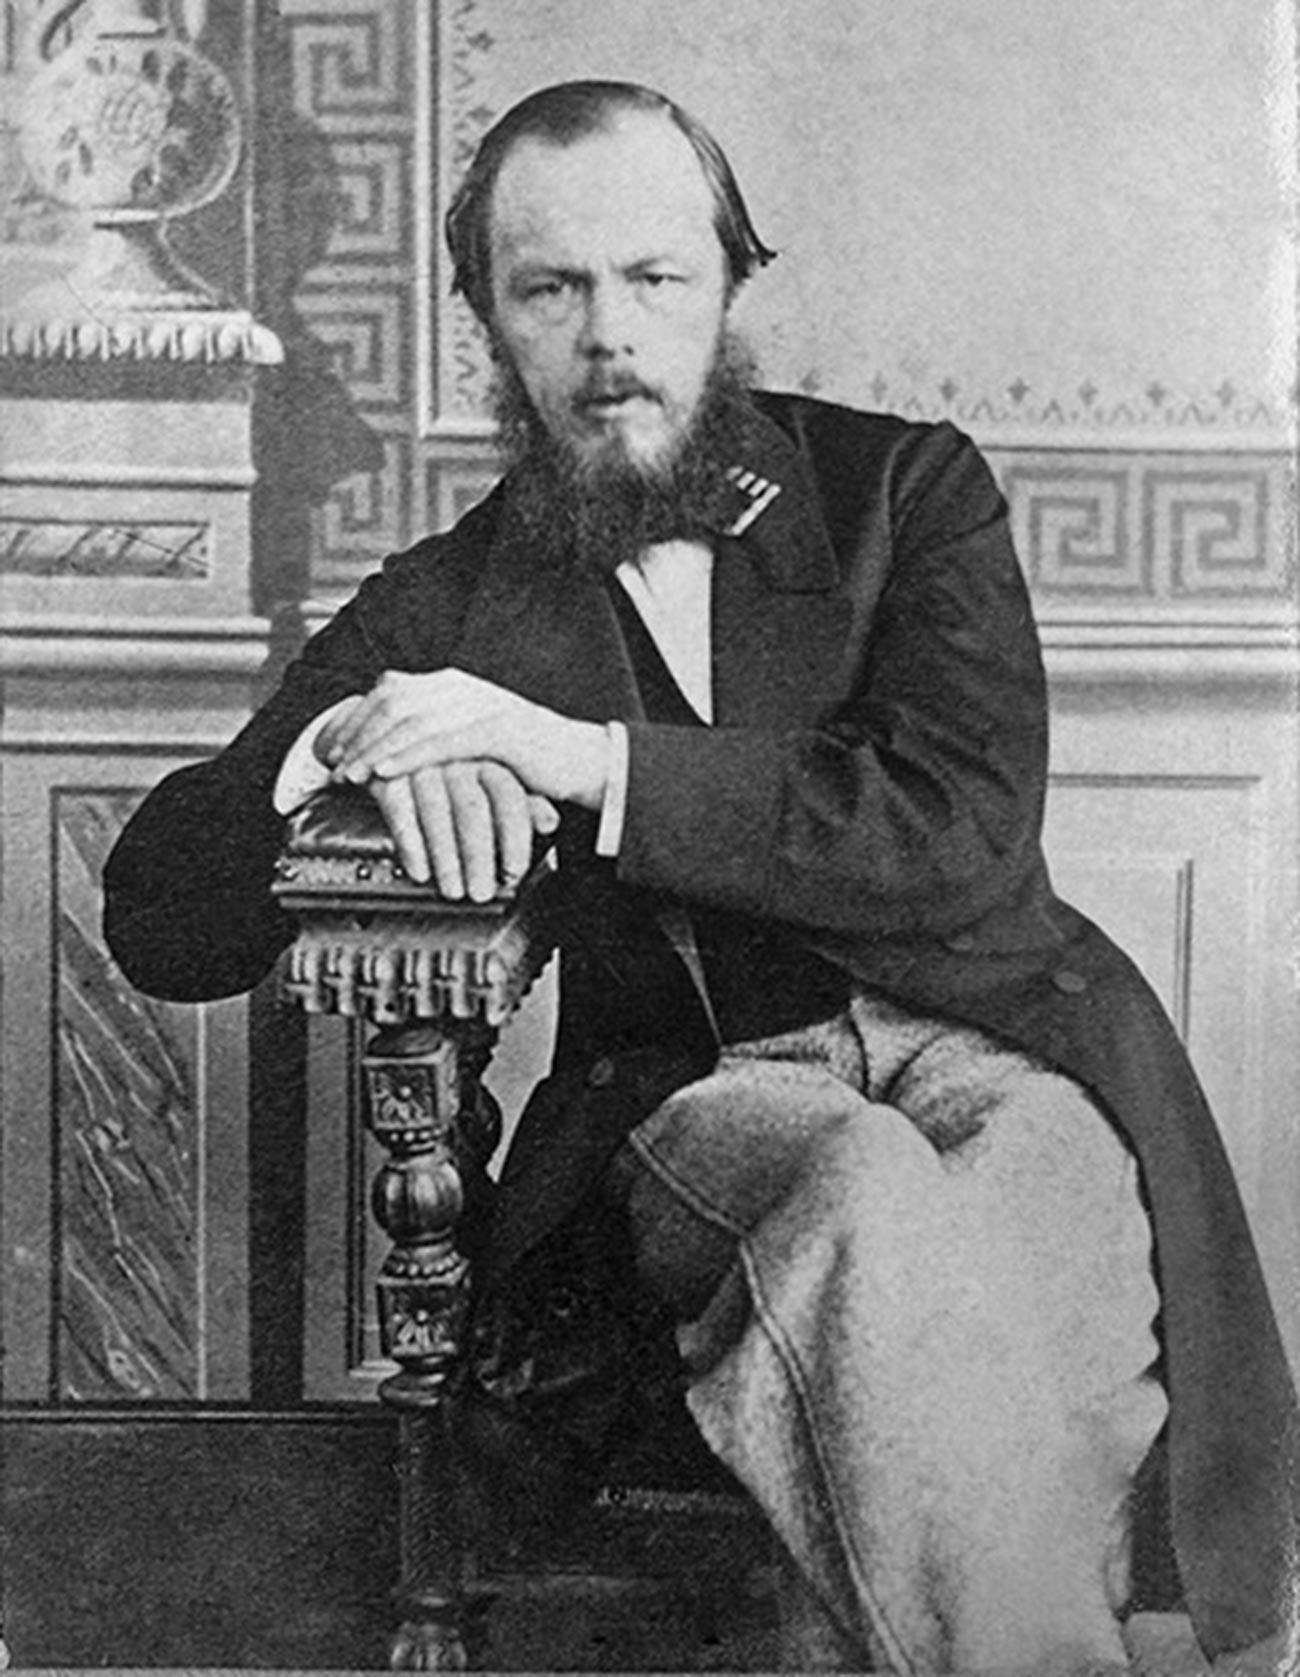 Руски писац Фјодор Достојевски